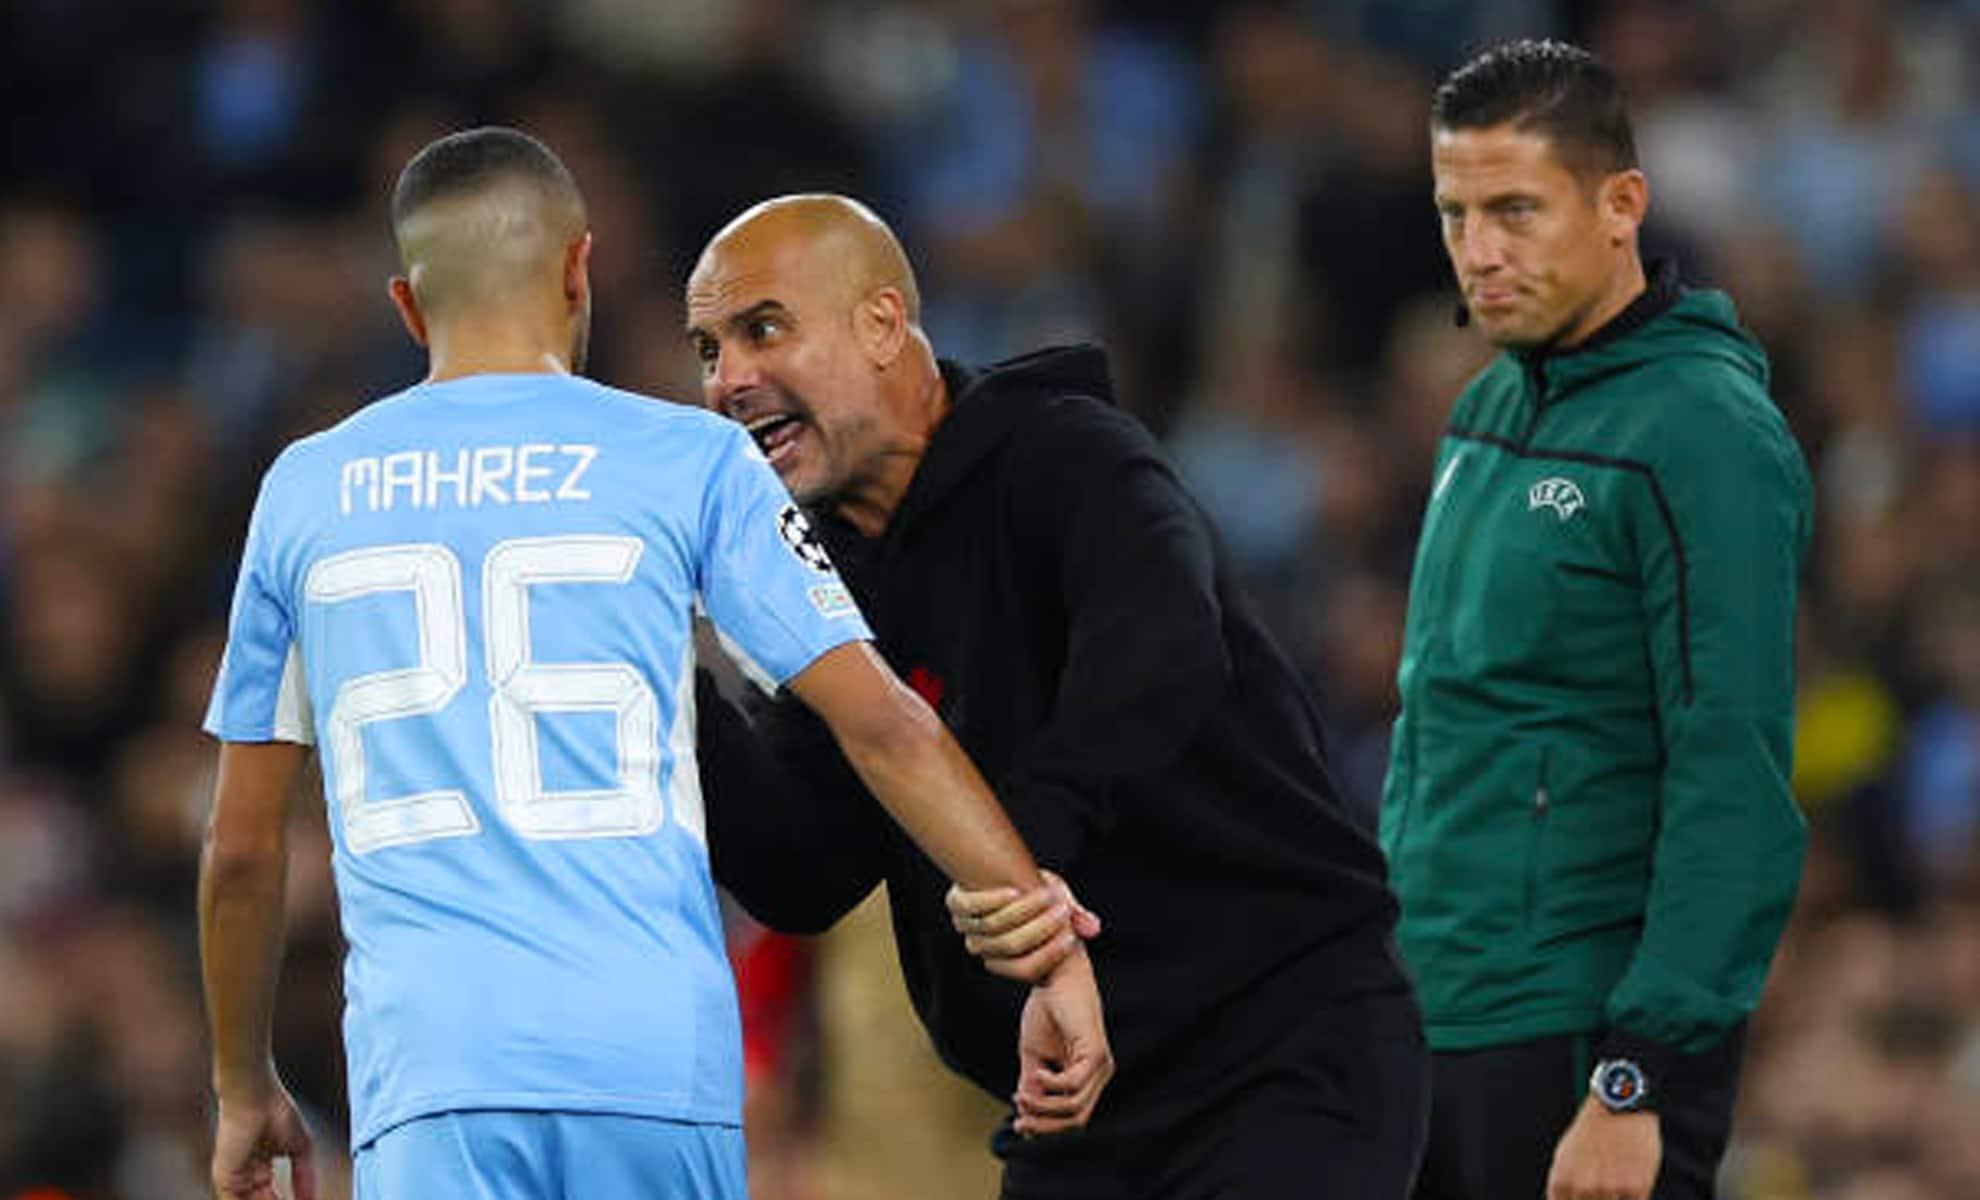 Riyad Mahrez sévèrement corrigé par son coach Pep Guardiola